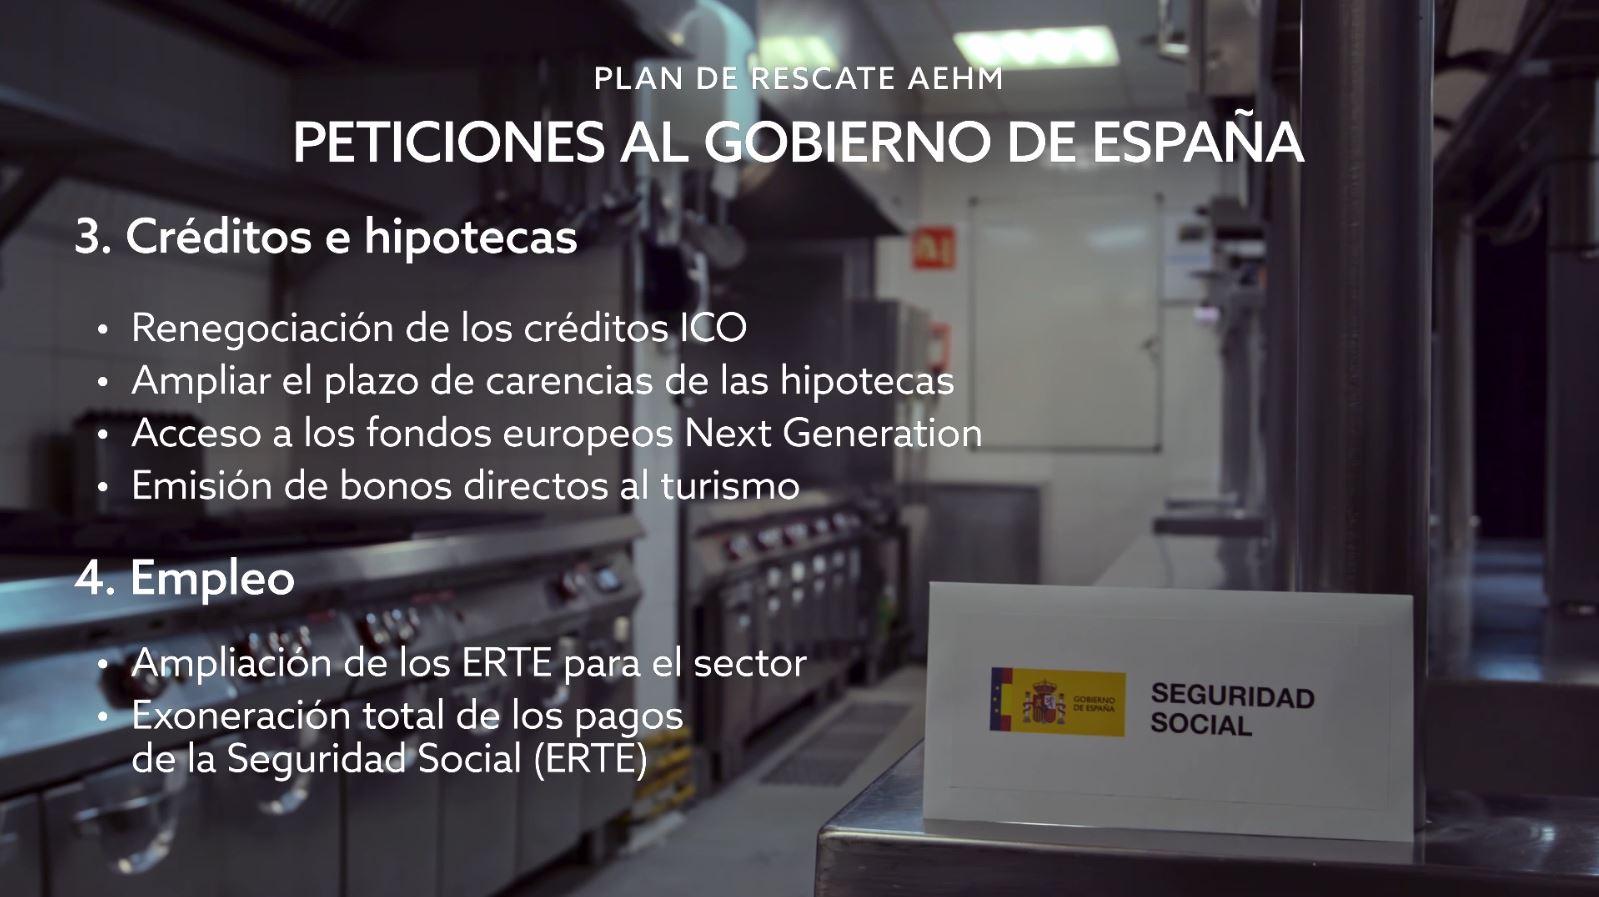 2. Peticiones Al Gobierno De España